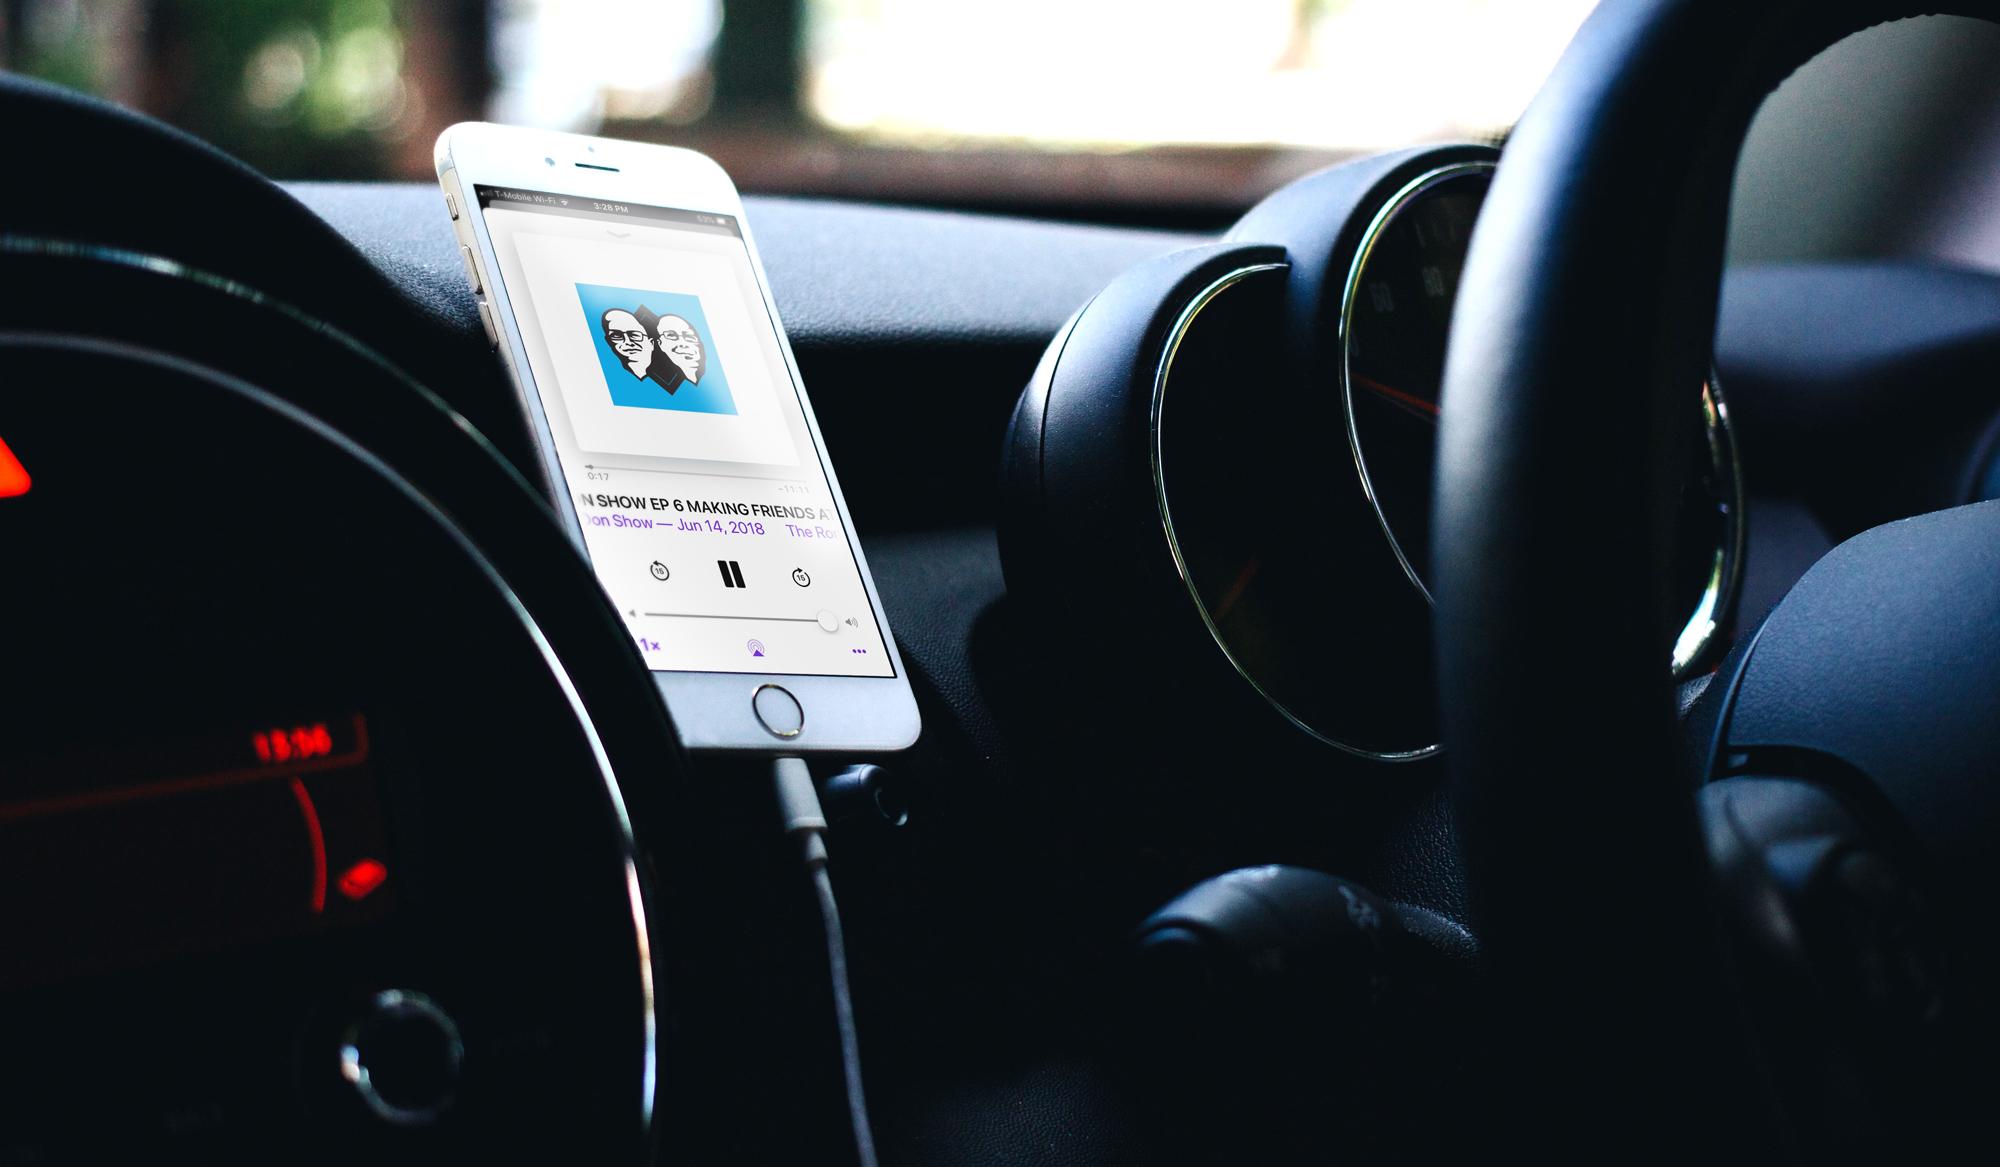 Phone-in-car-Mockup.jpg